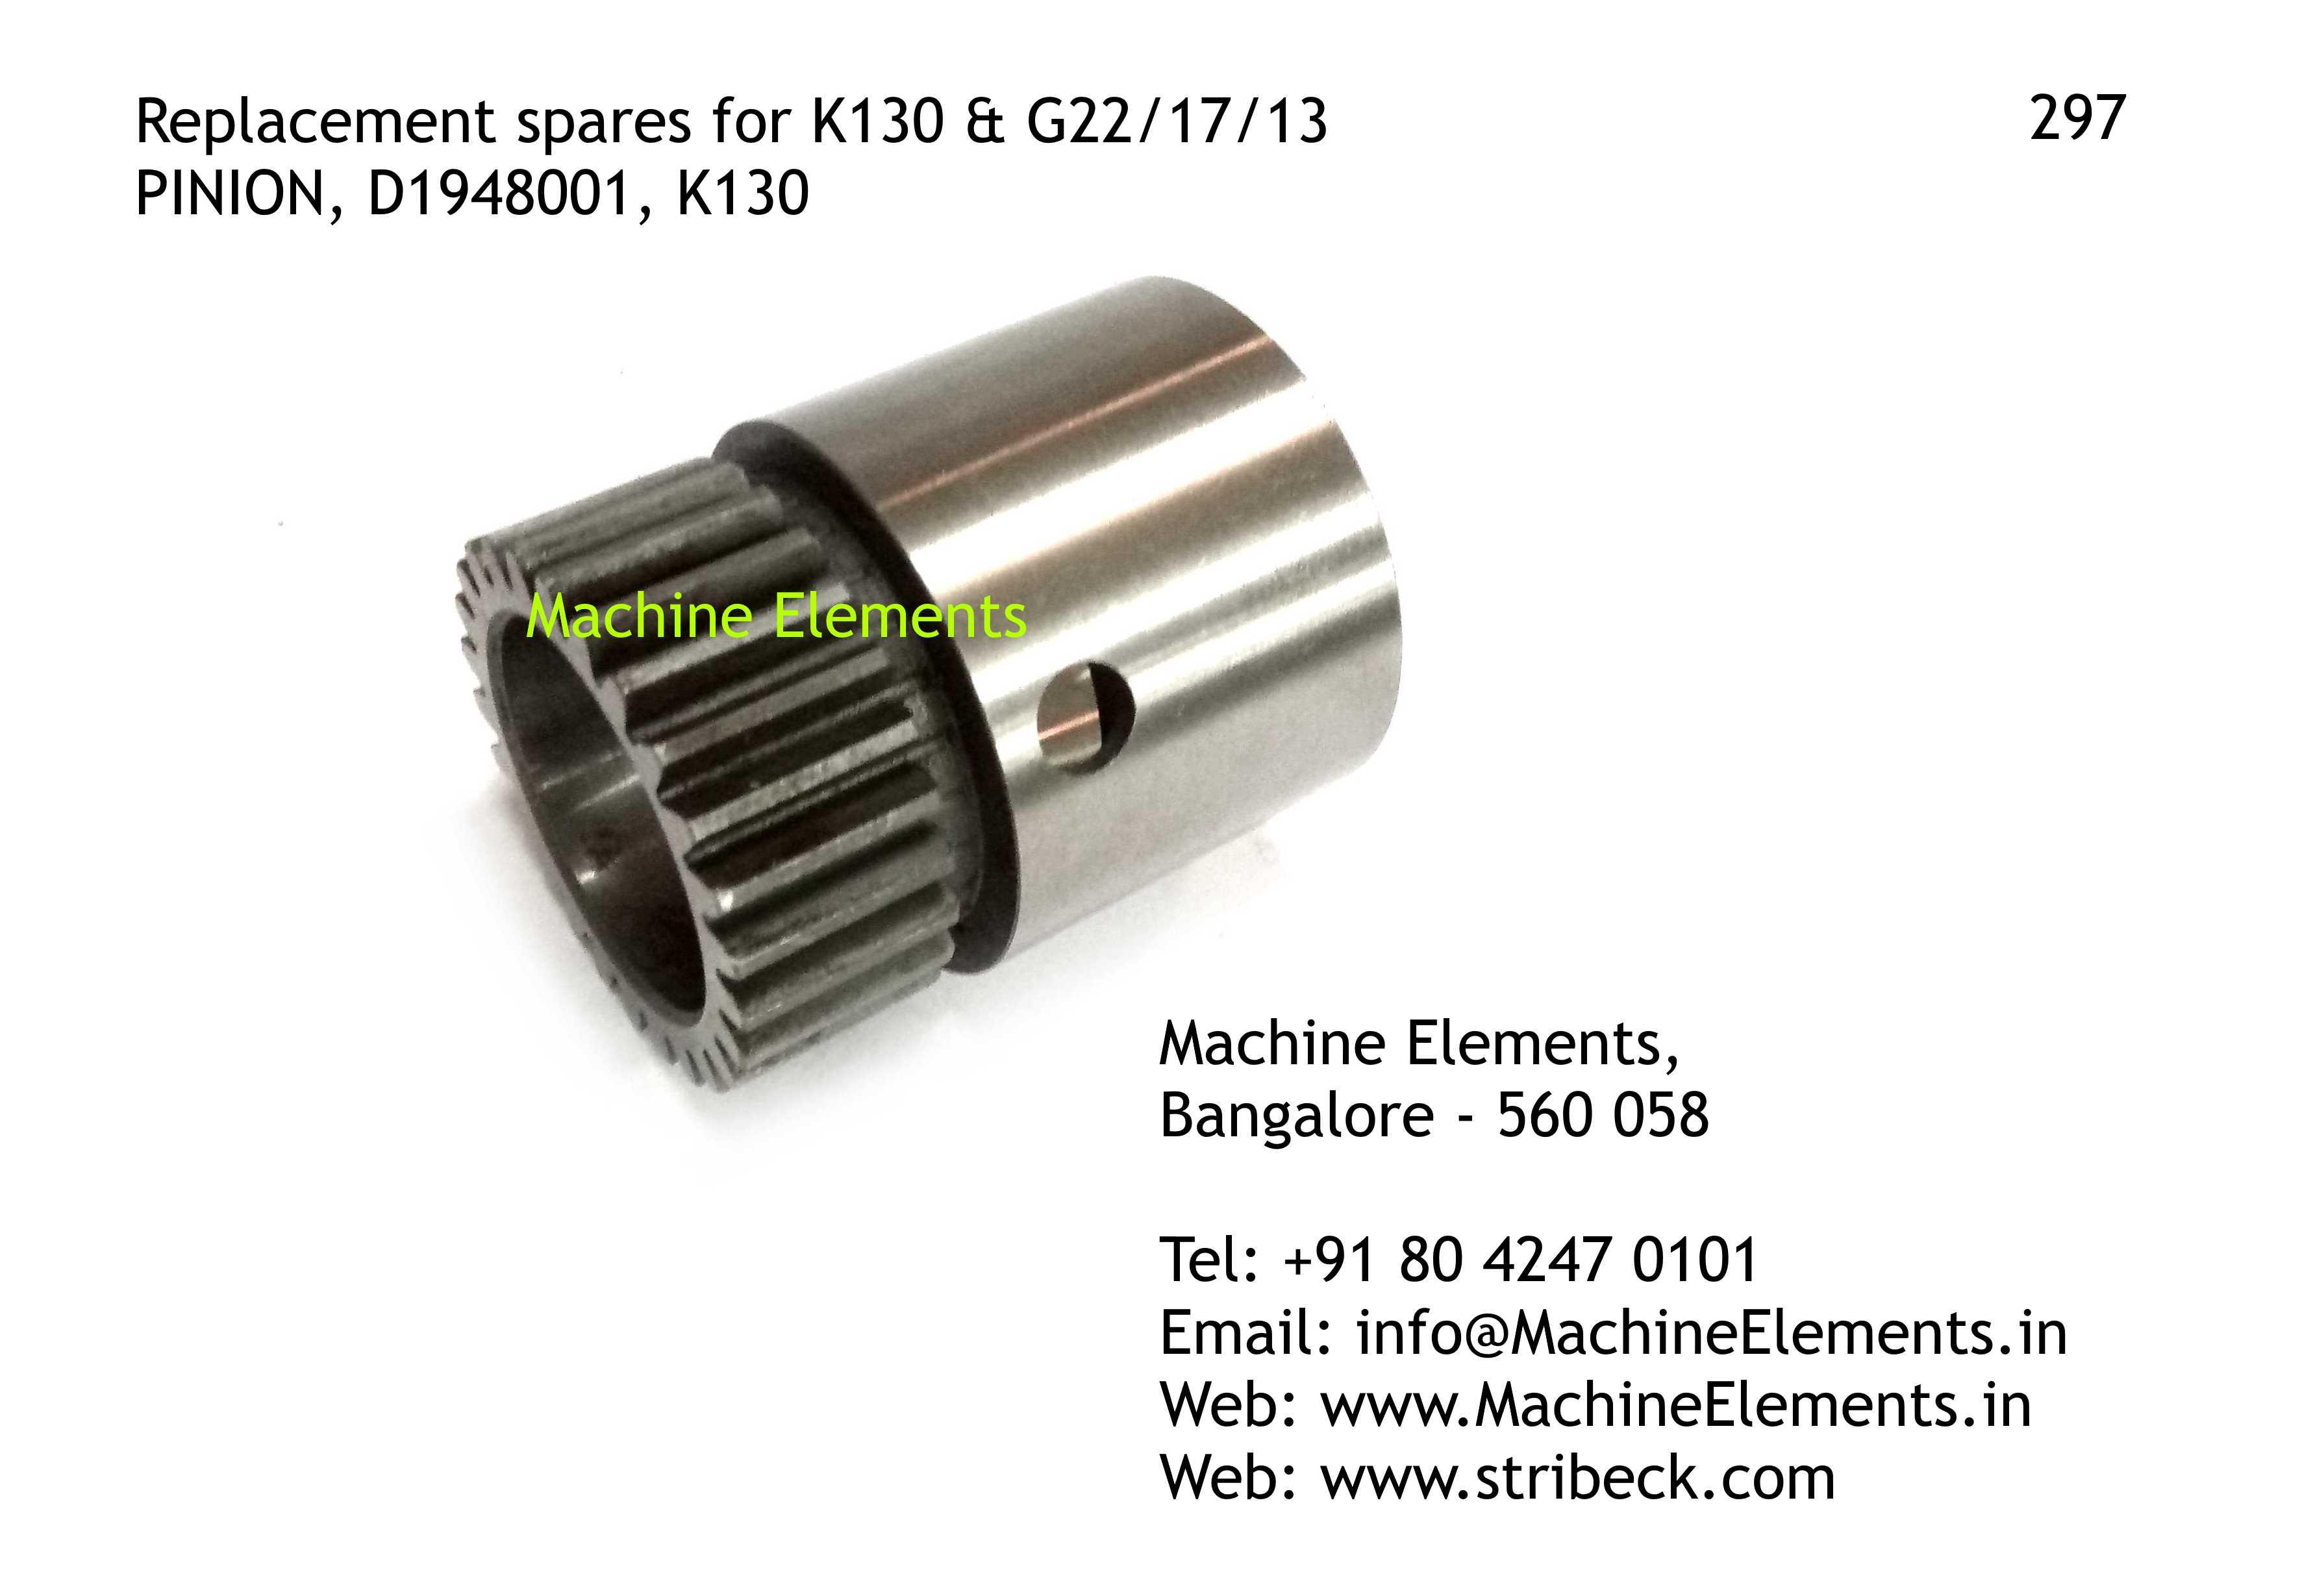 PINION, D1948001, K130